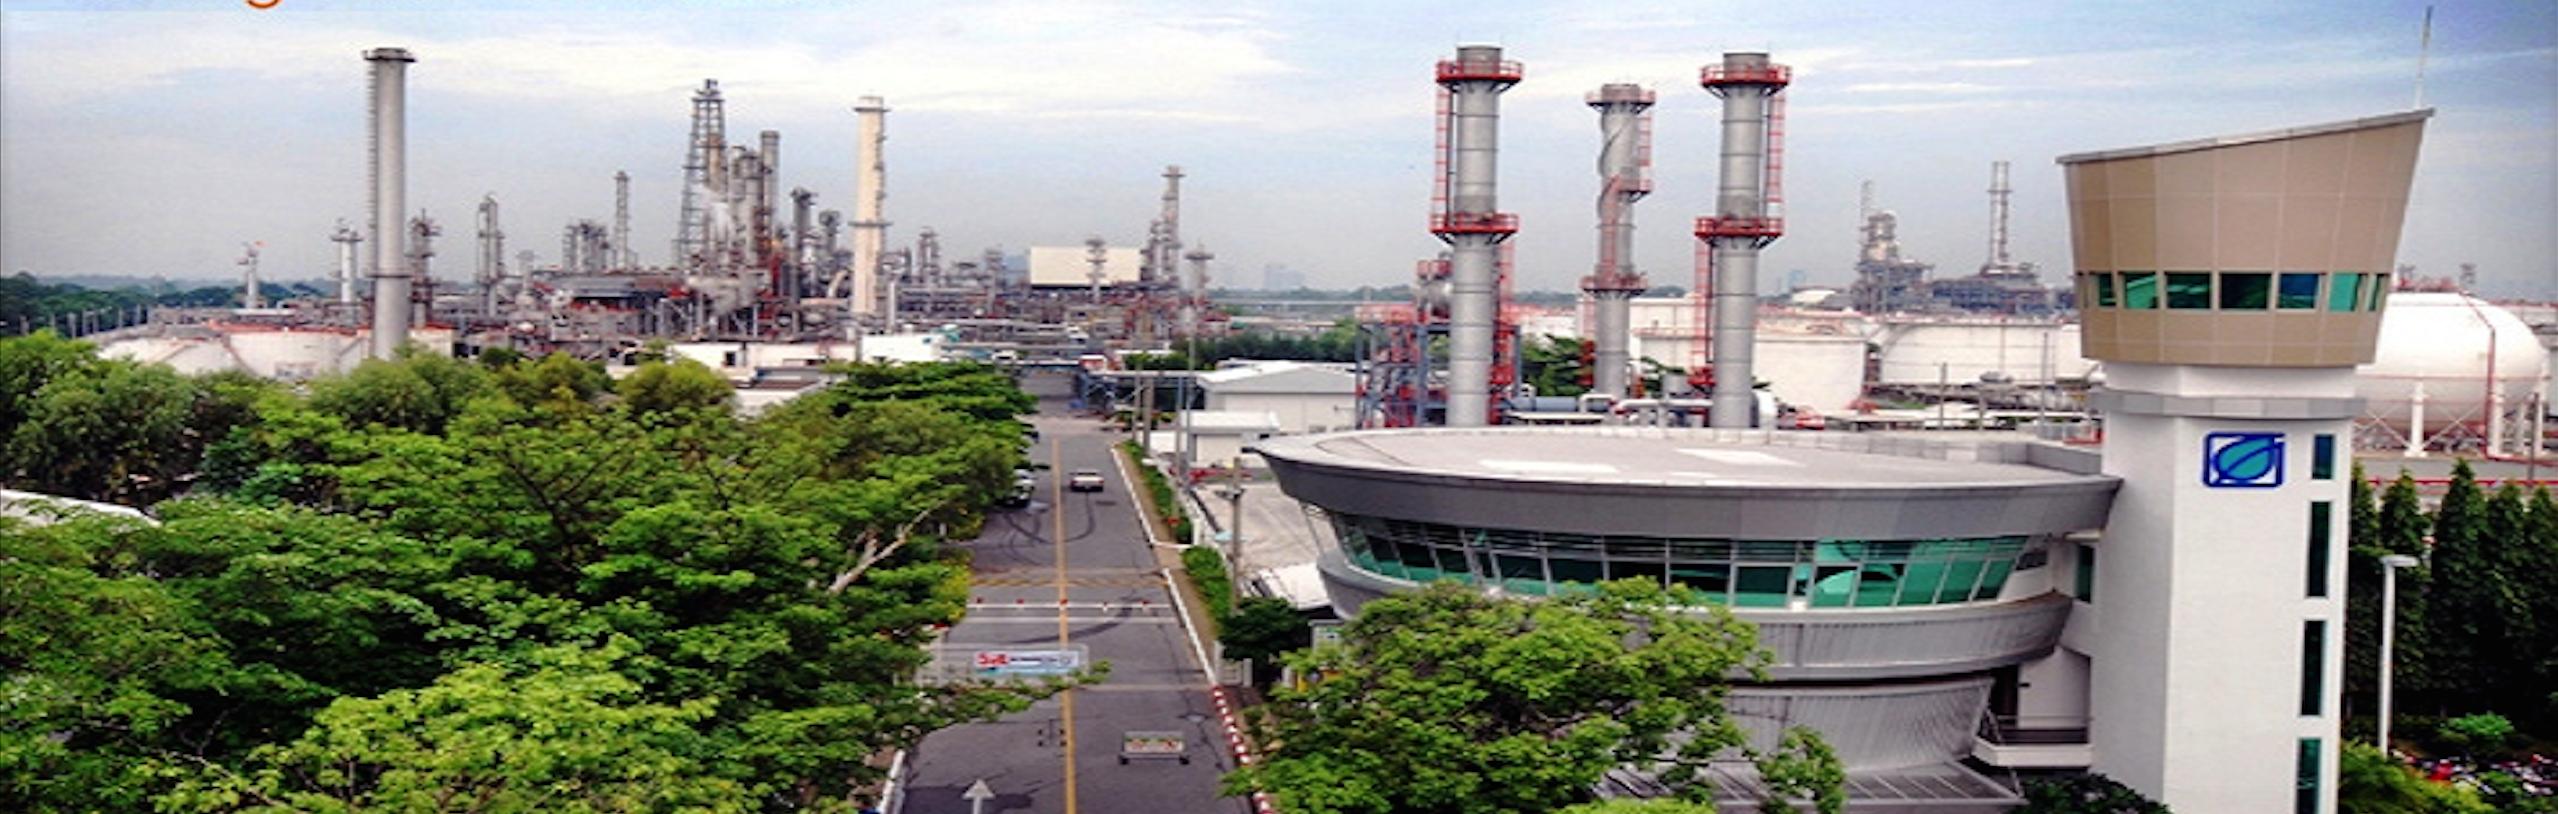 Nhớt xe ô tô tổng hợp BCP Thái Lan nhập khẩu dành cho xe động cơ xăng - GE SILVER - SAE 10W40 - API SN/CF - 1L